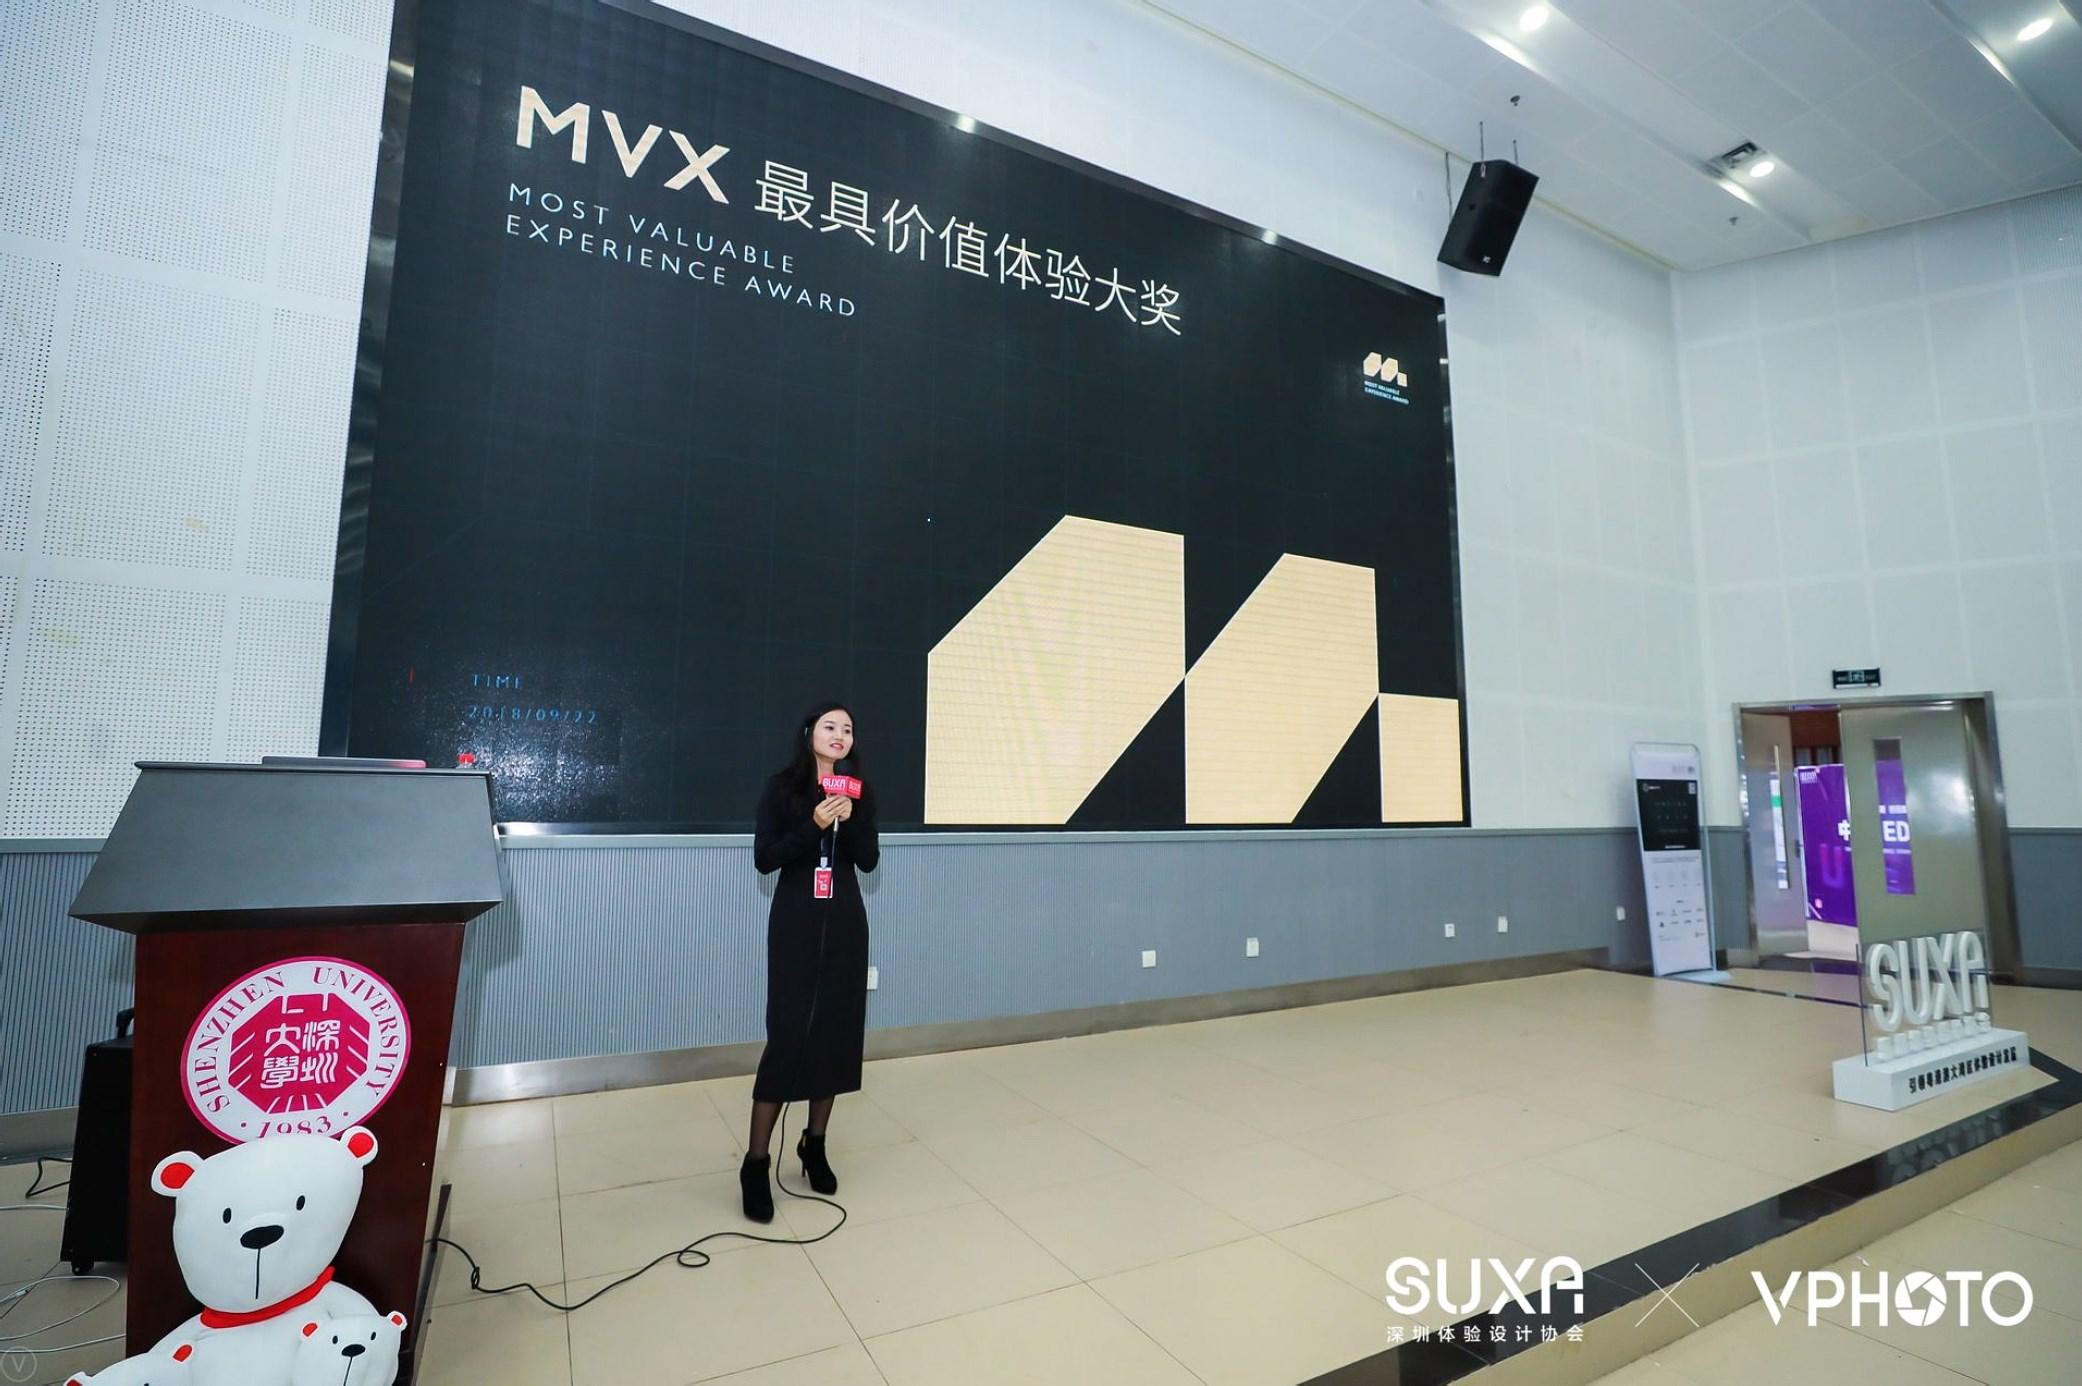 MVX副本.jpg